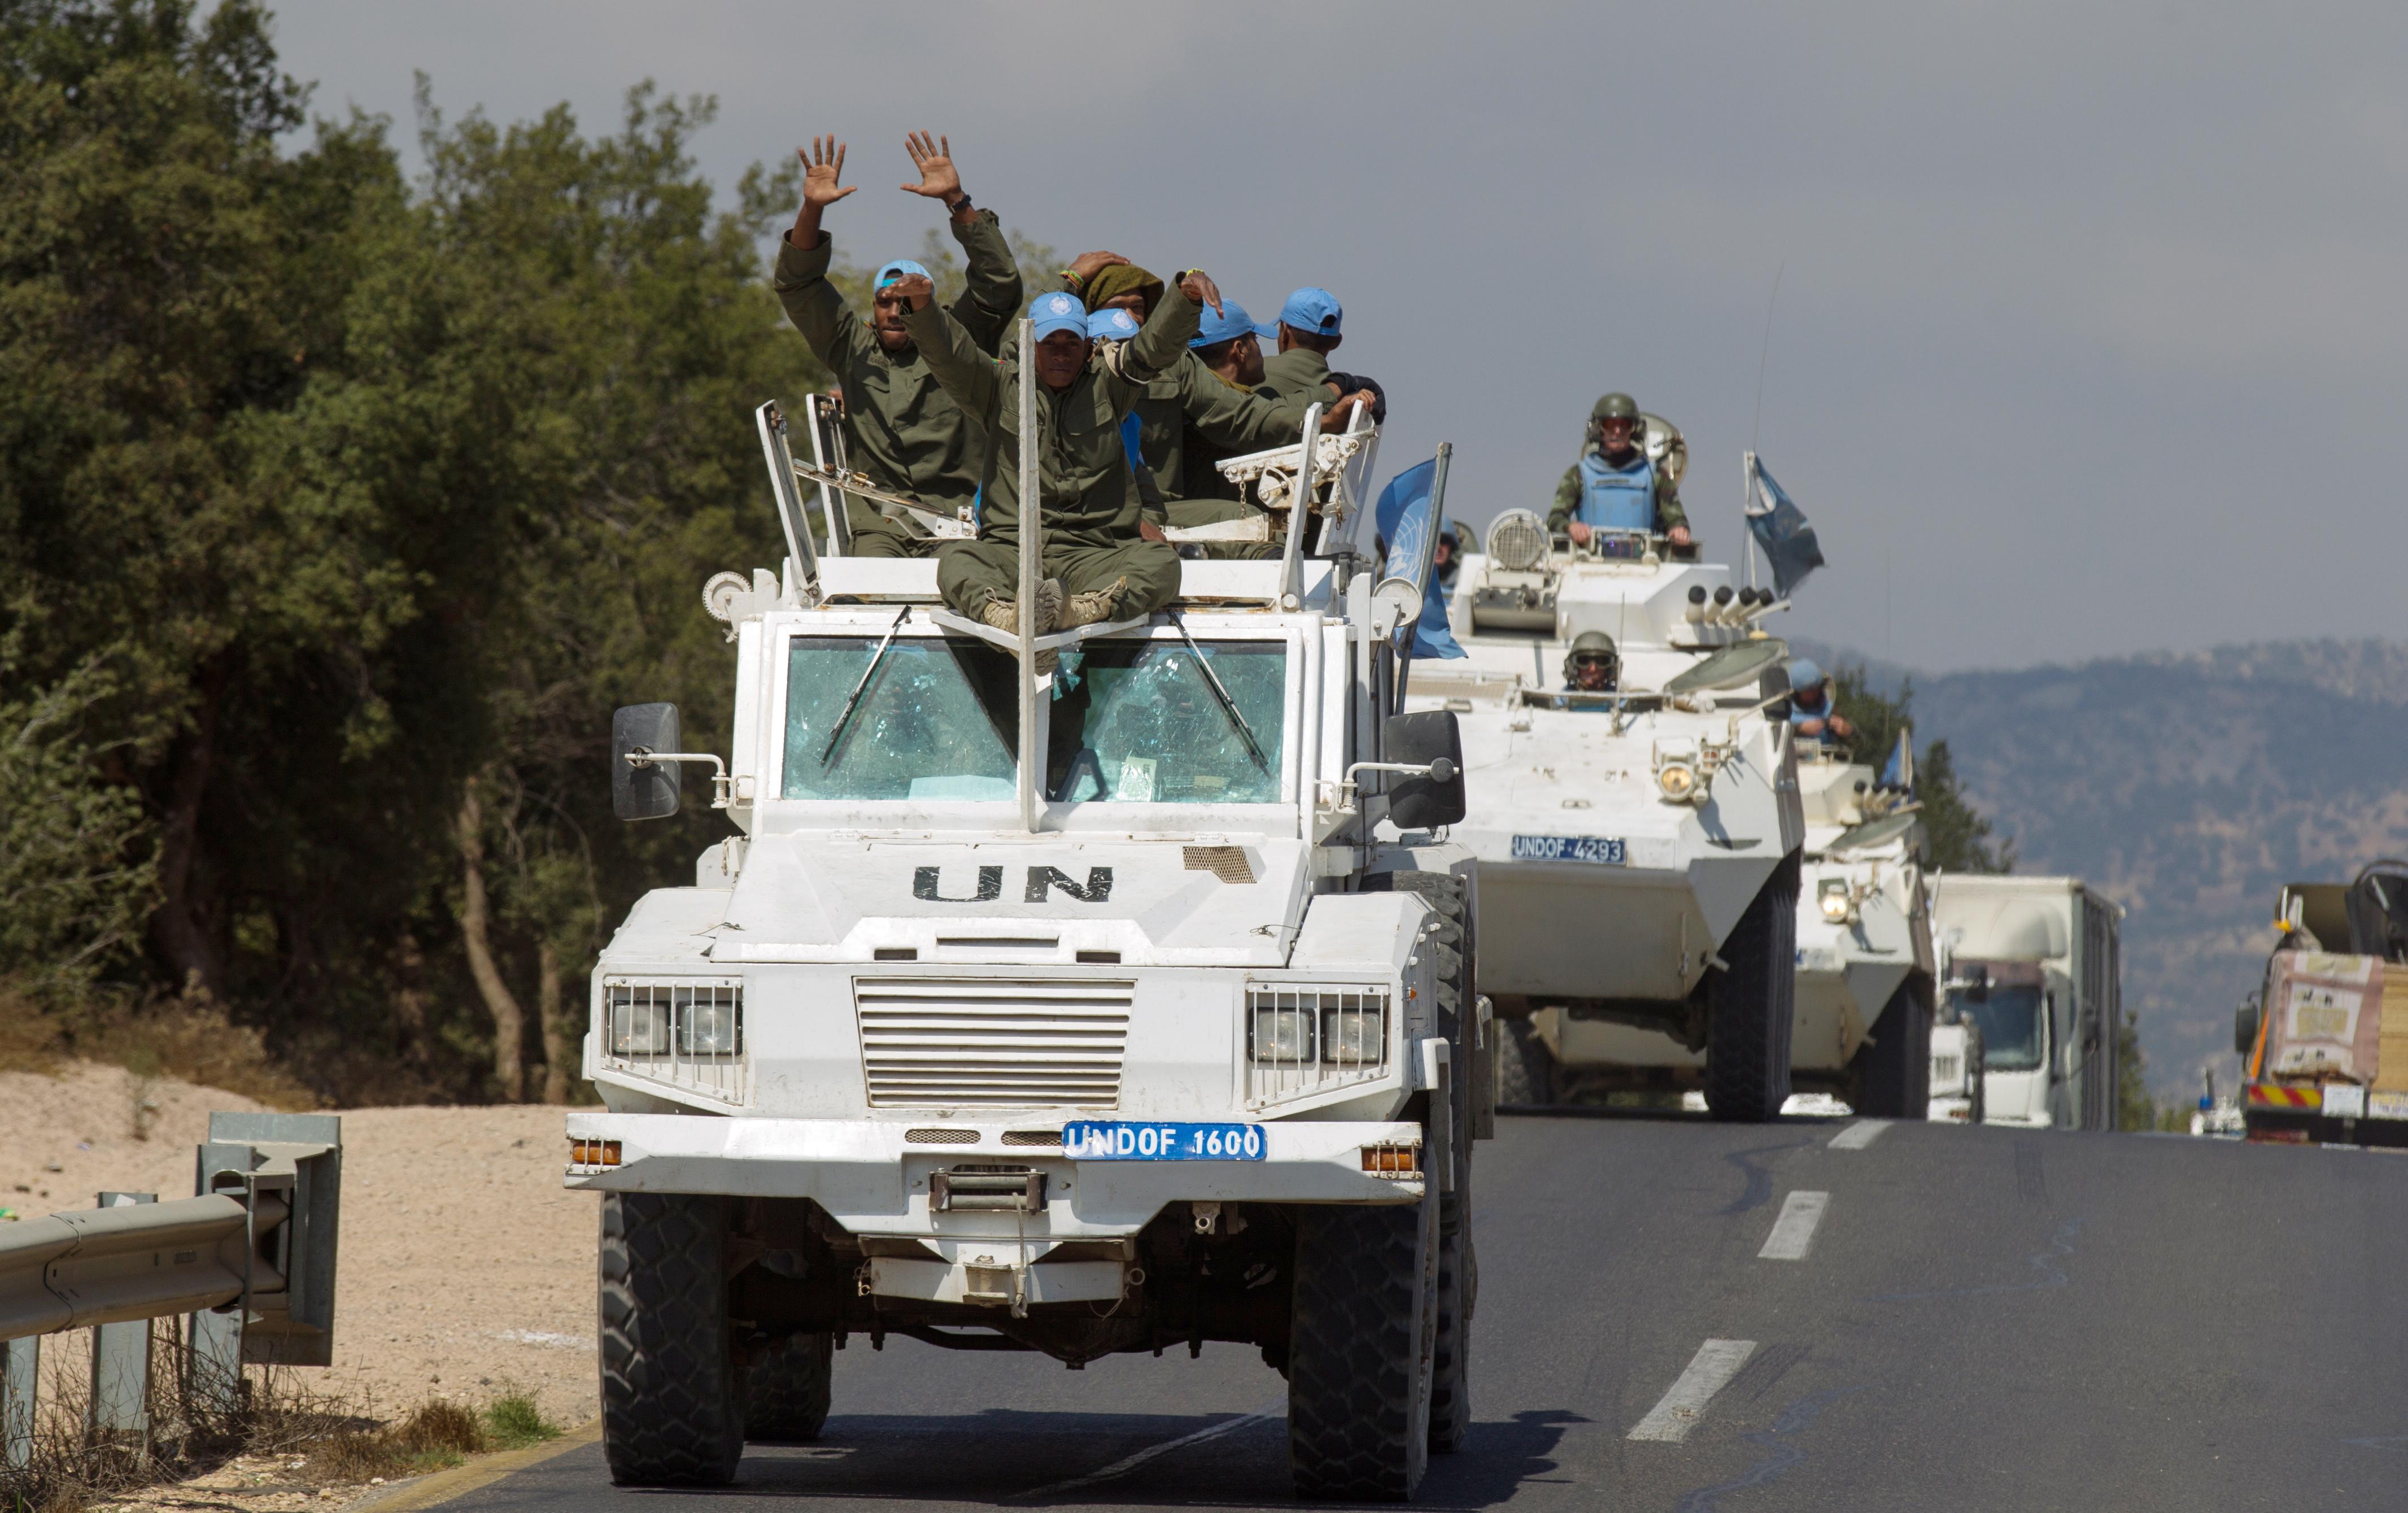 Командир миссии ООН на Голанах умер в Эйлате от инфаркта